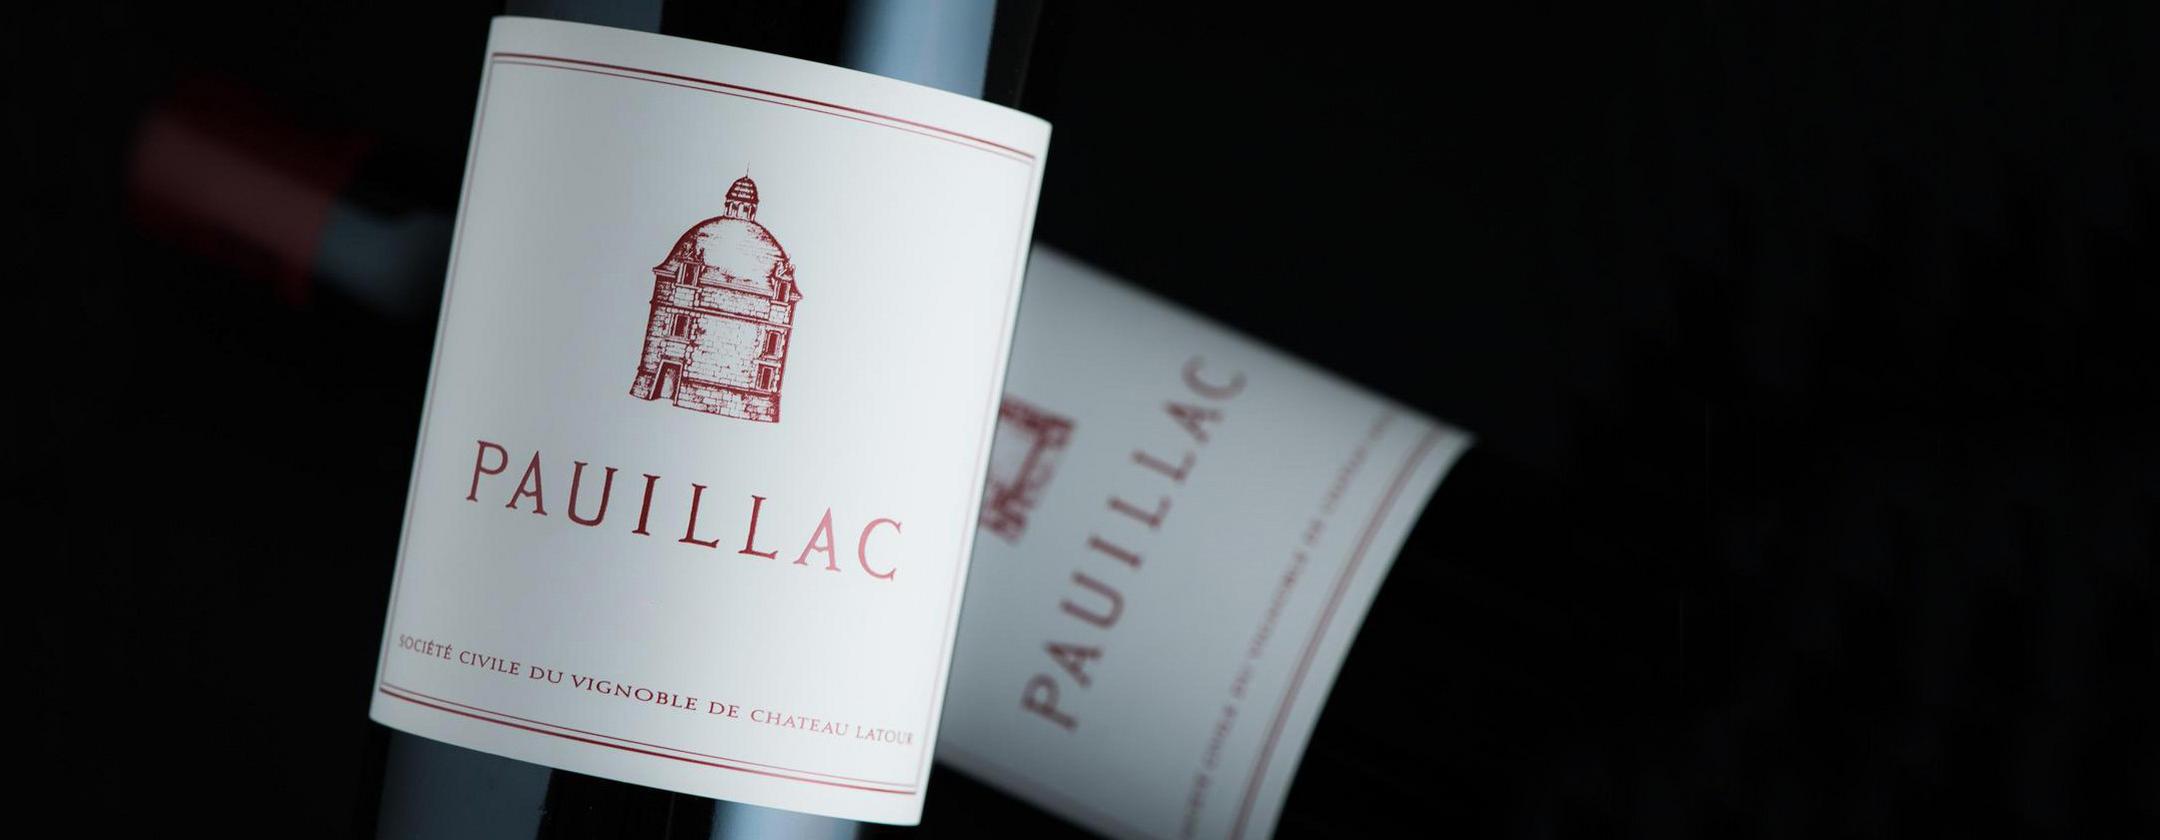 2016 Pauillac<br>de Latour _ New release